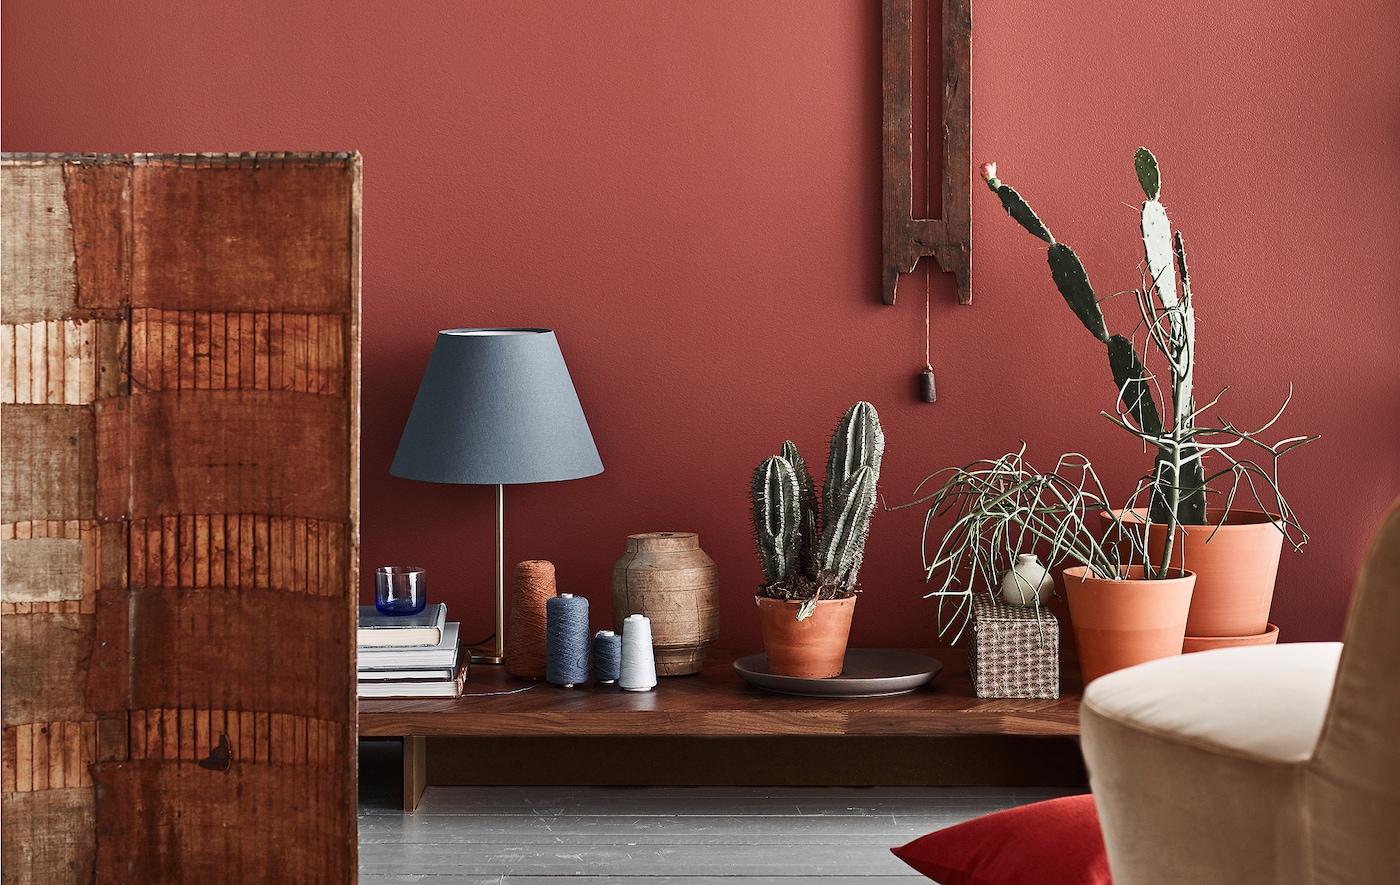 Nous pensons que l'une des grandes tendances à venir consistera à combiner des couleurs de terre rouges avec des accents bleus et des meubles en bois foncé.